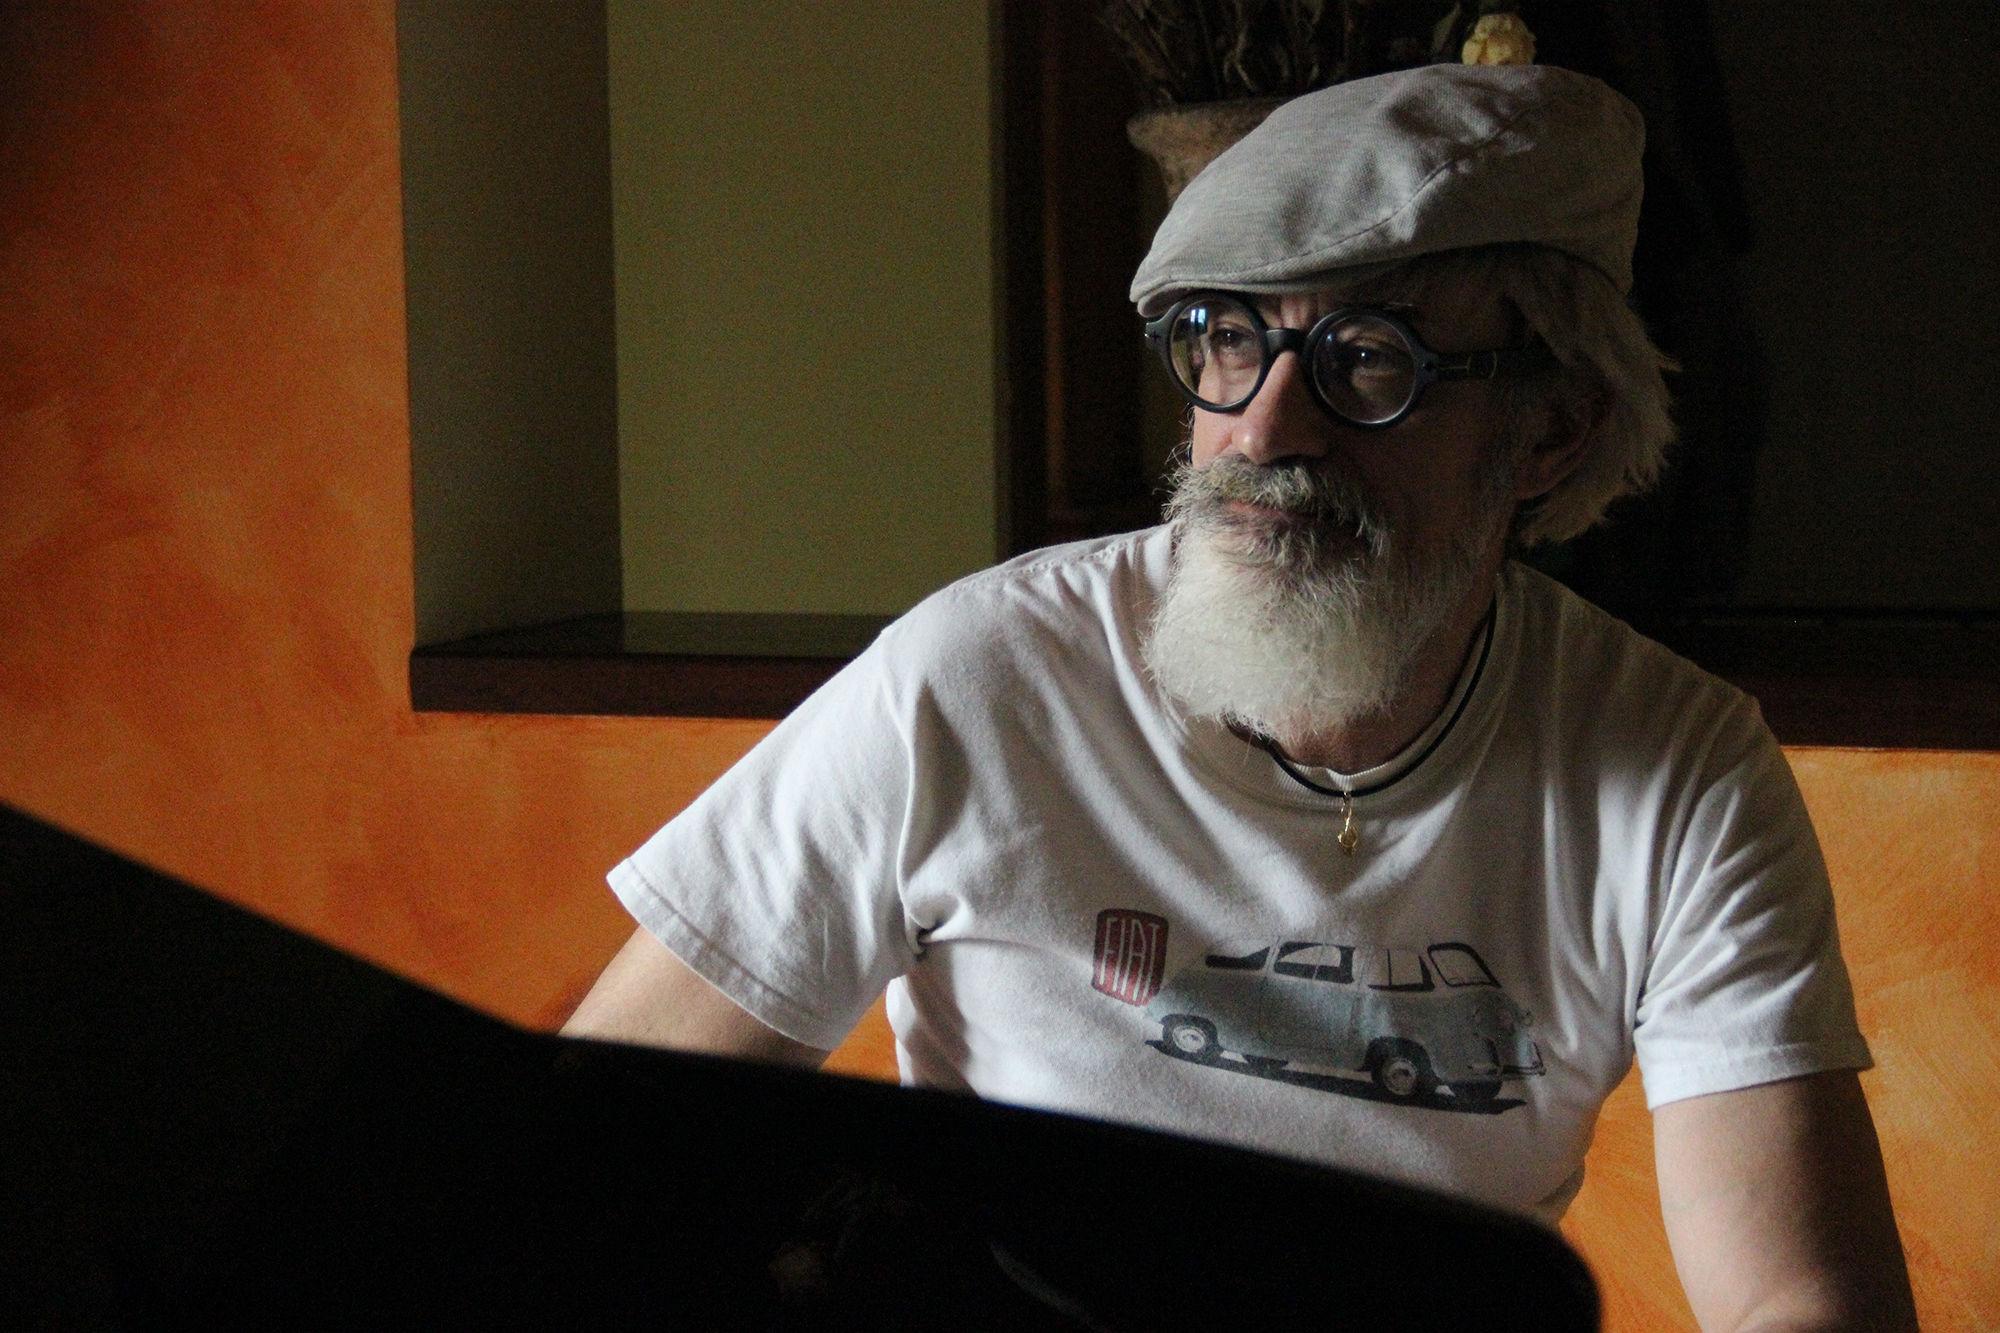 La musica ed il pianoforte secondo Tino Carugati